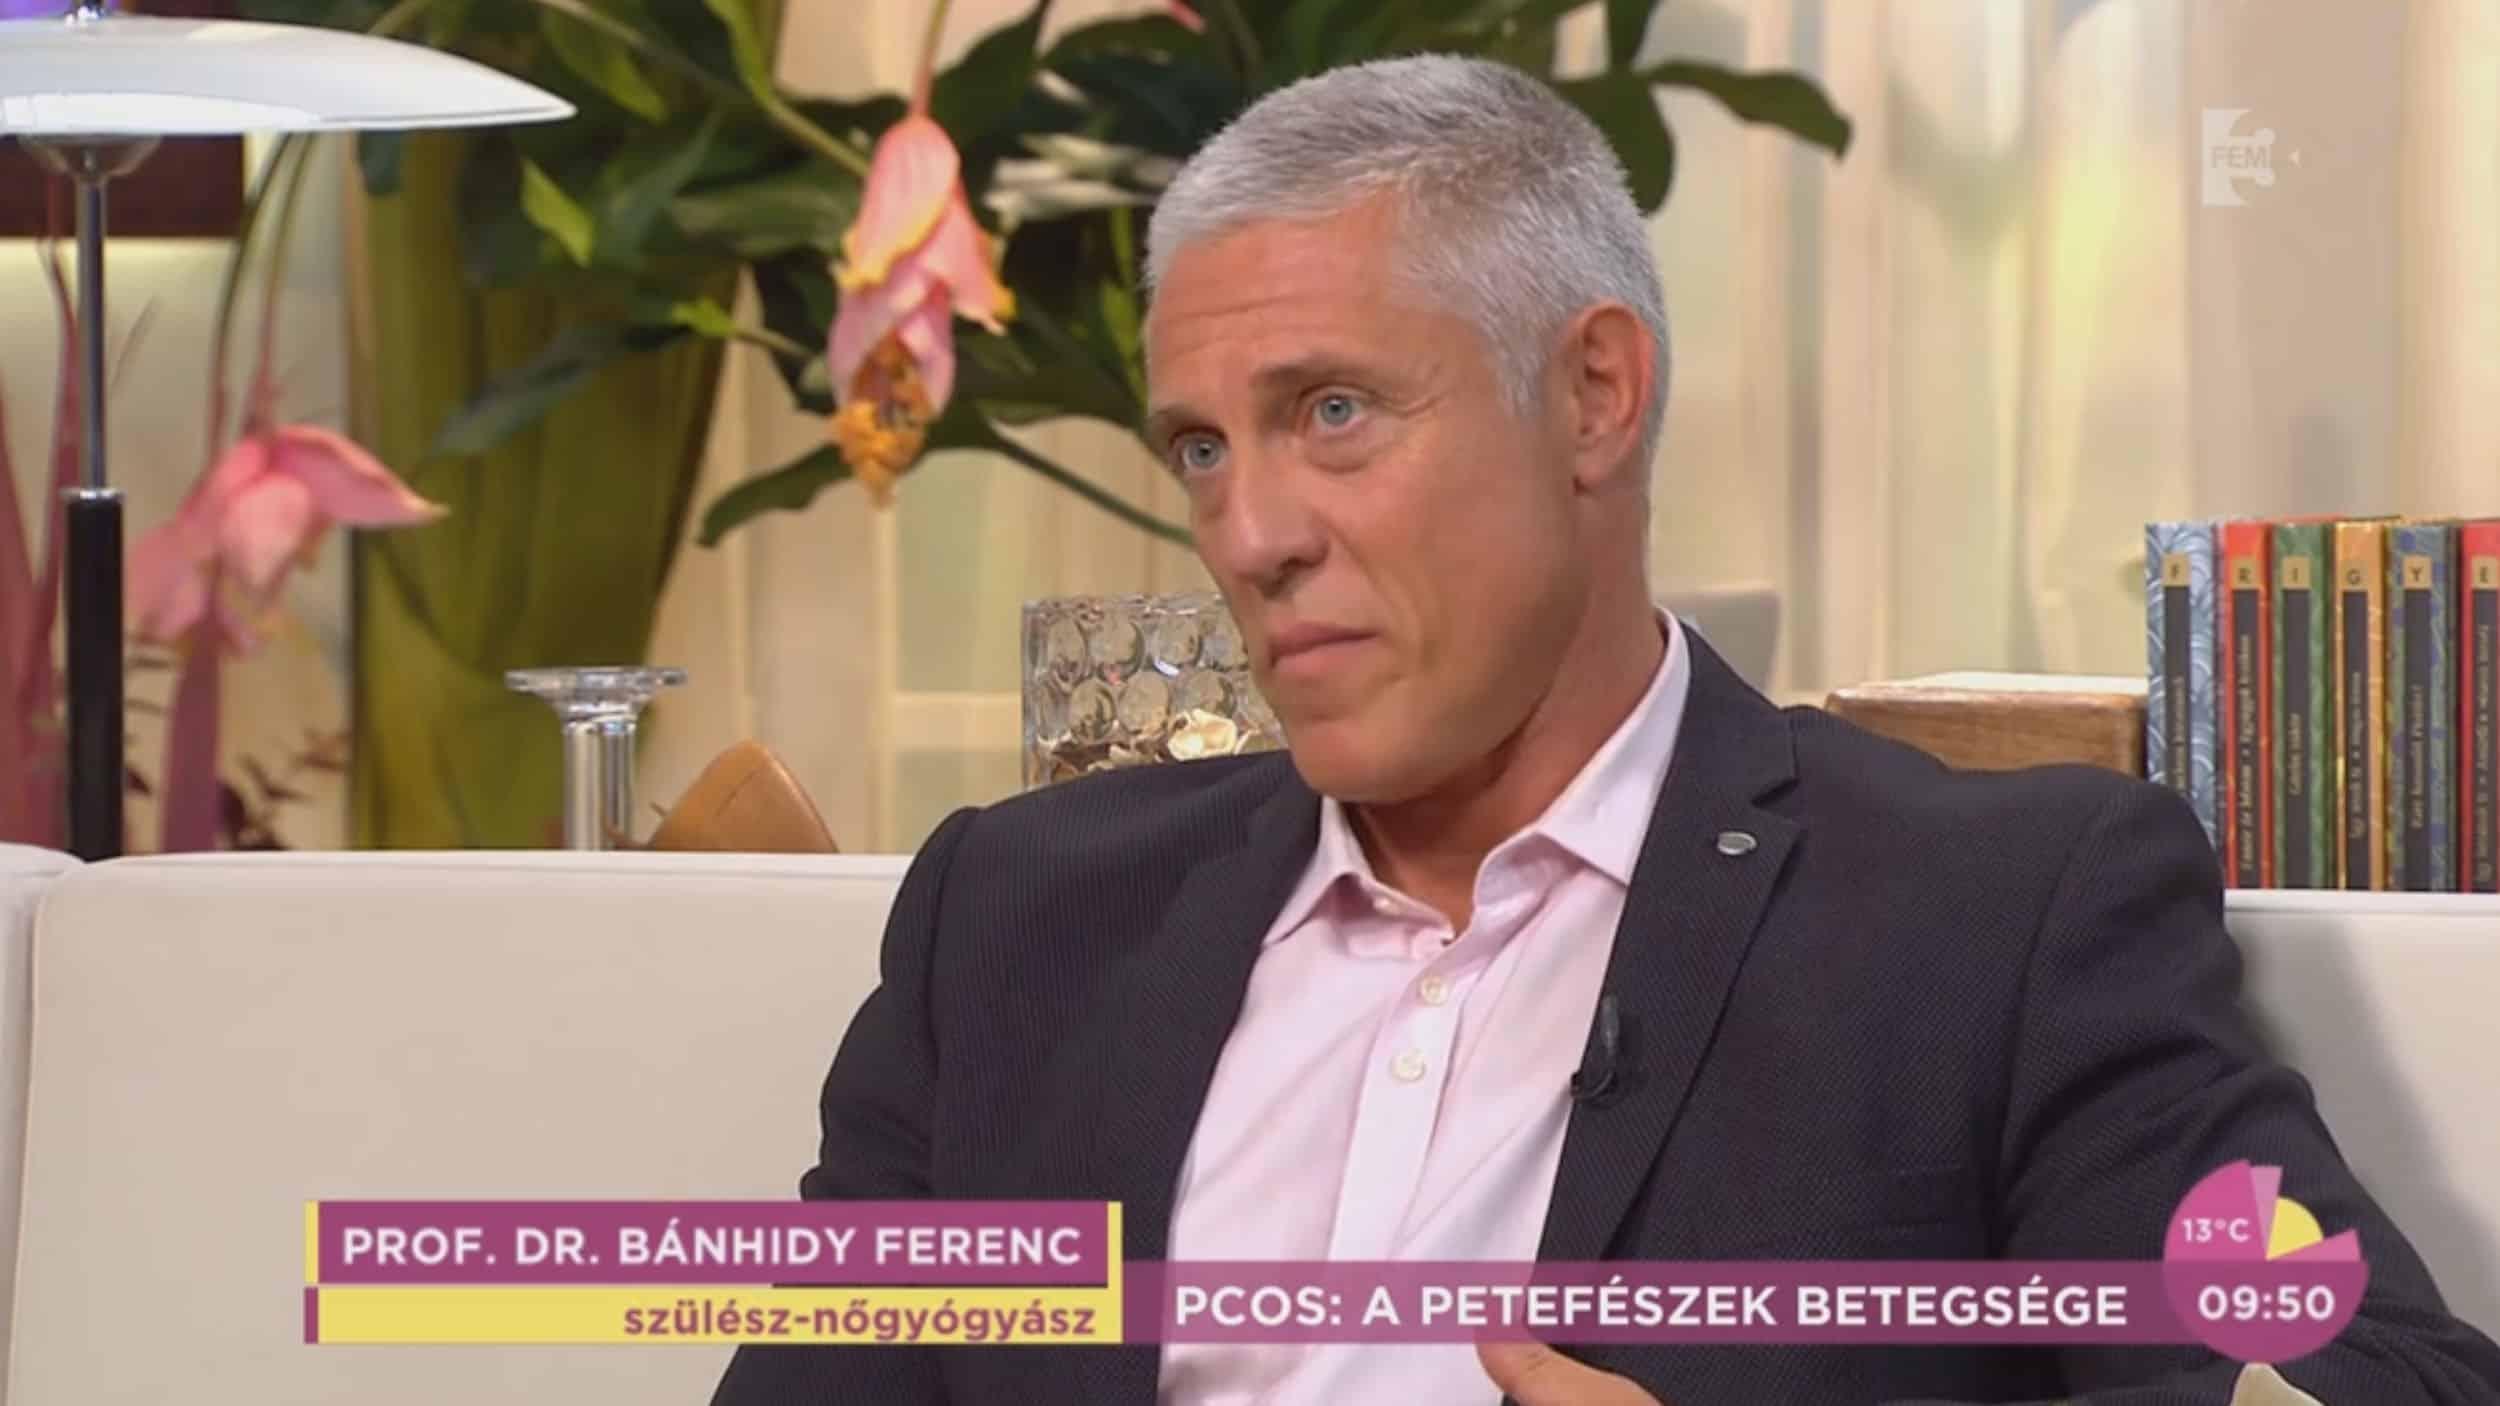 Prof. Dr. Bánhidy Ferenc, a FEM3 Café szakértő vendége válaszolt a nézők kérdéseire a PCOS szindrómával kapcsolatban